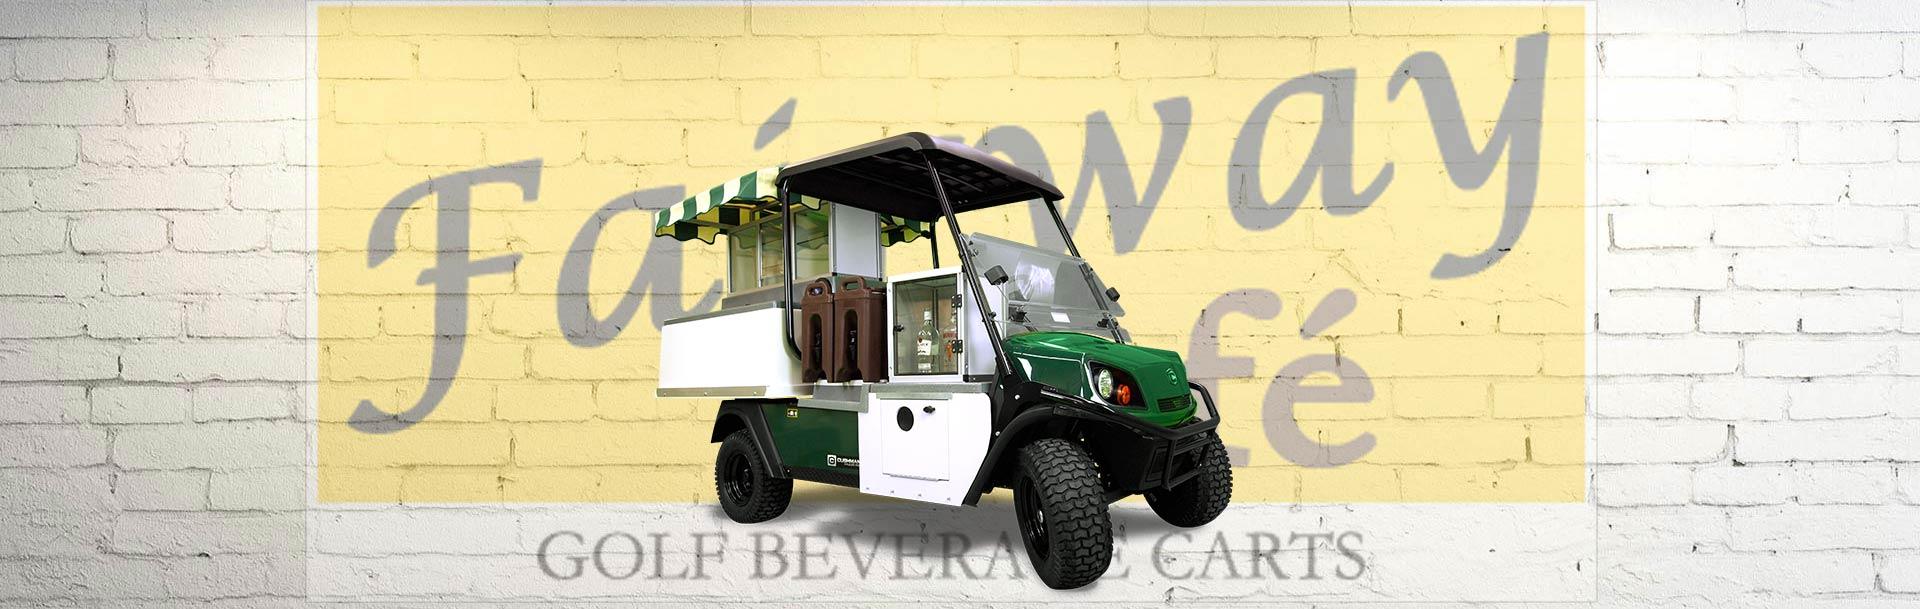 Fairway Cafe Golf Beverage Cart - Minibar